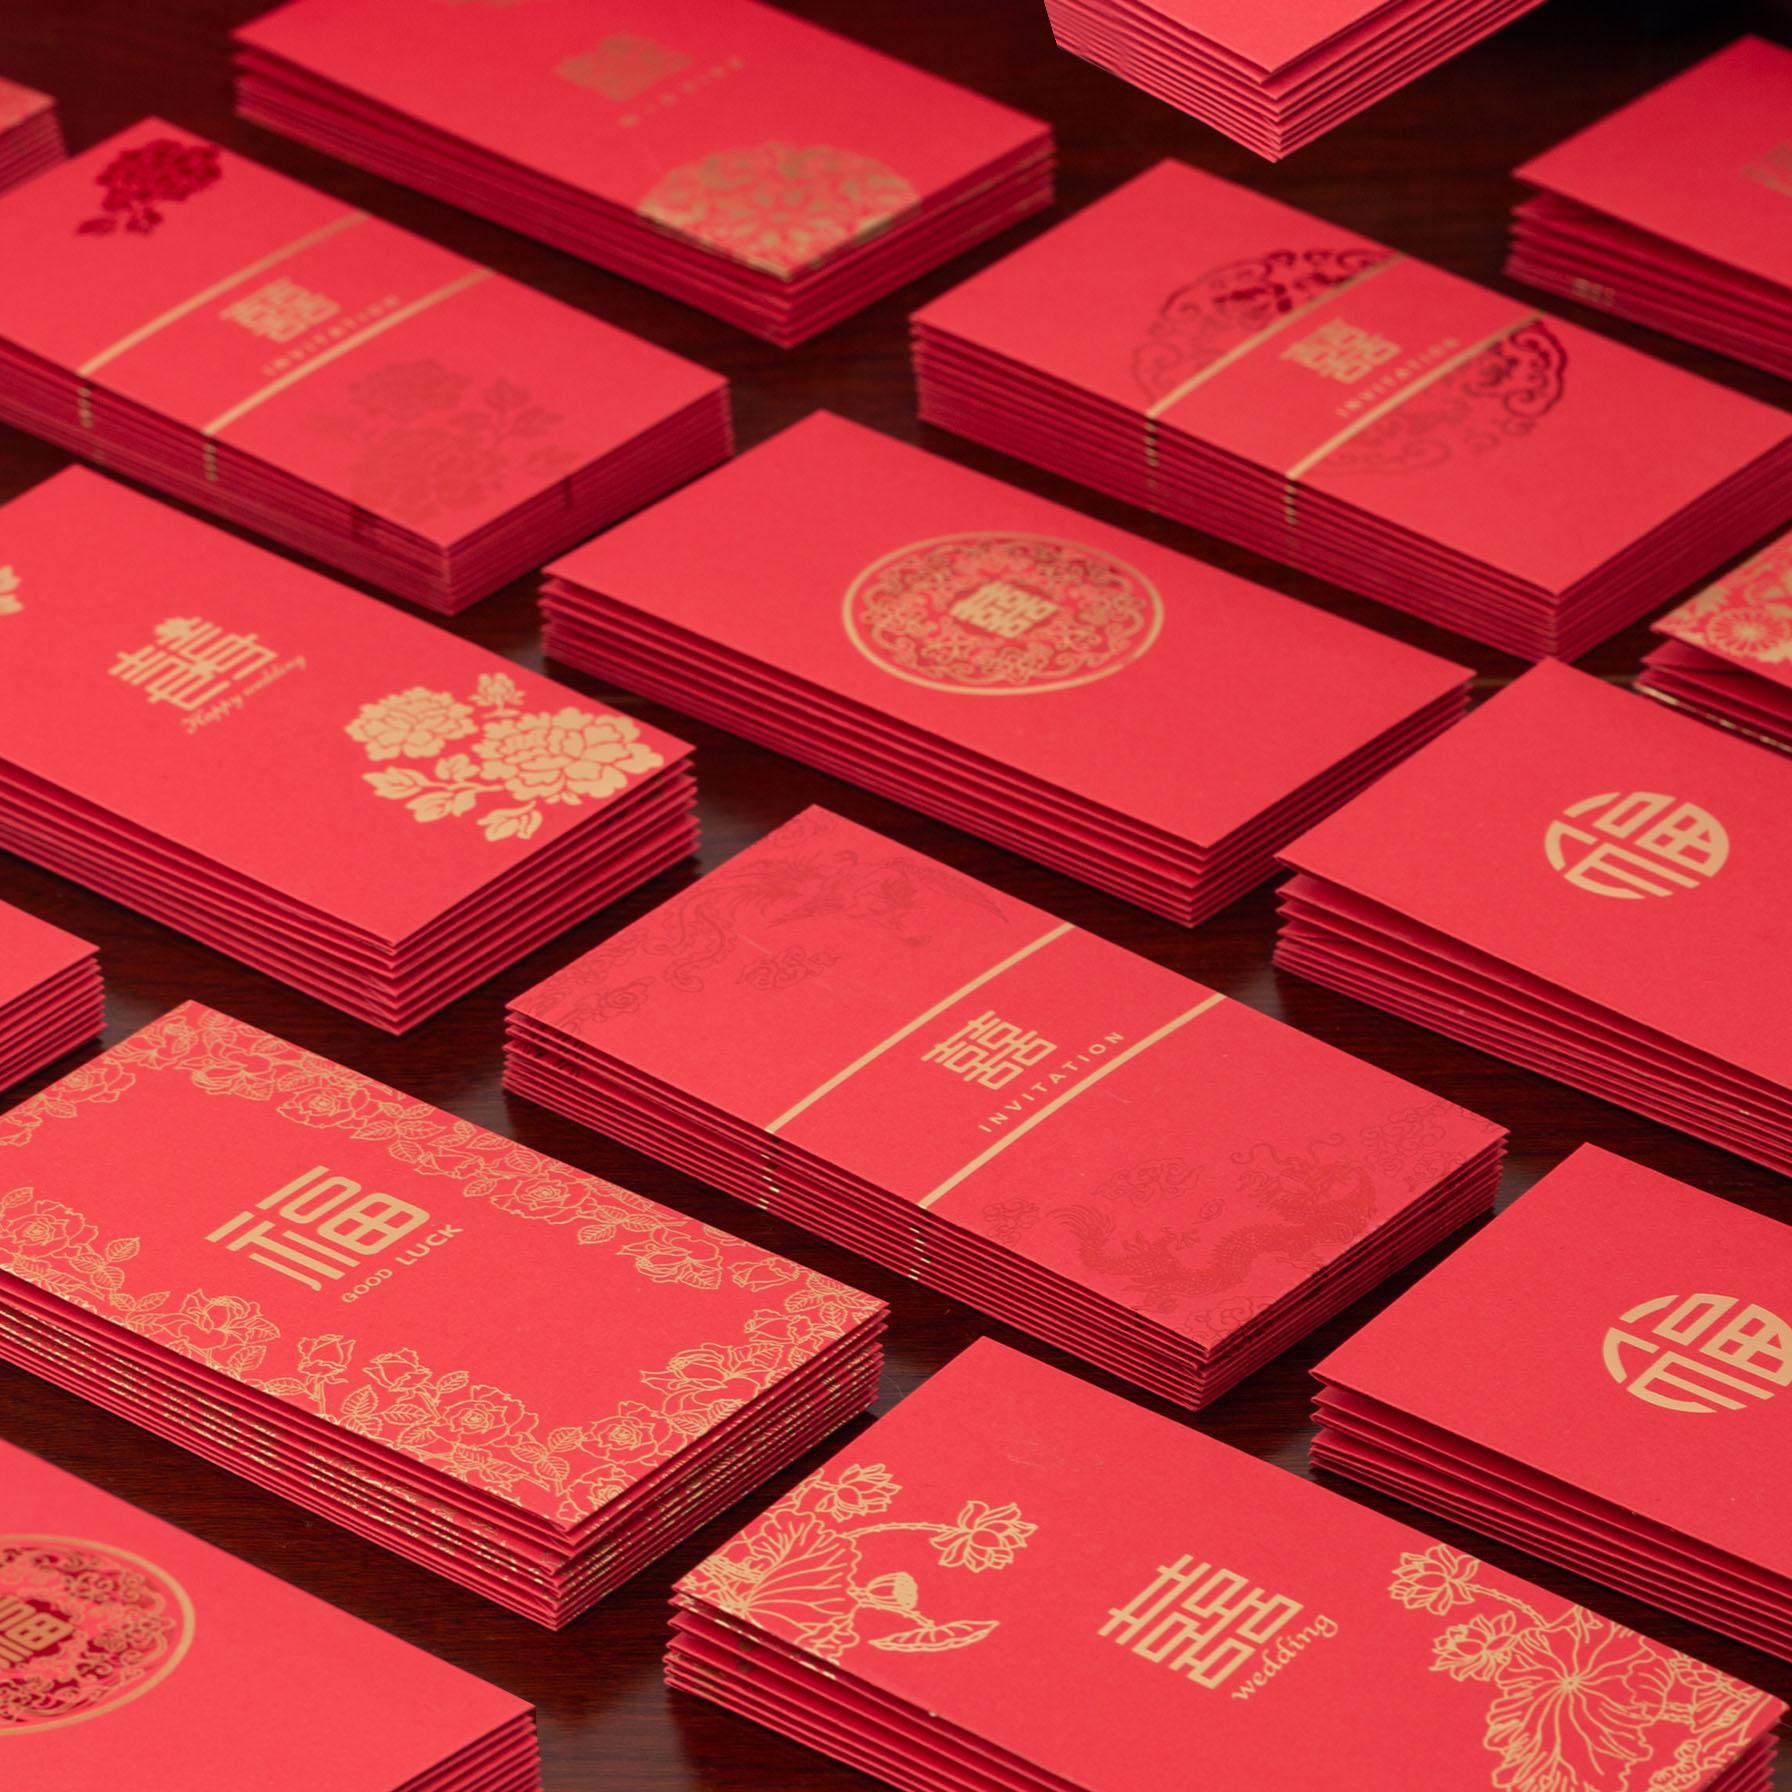 Конверты для Китайского нового года Артикул 593671328549